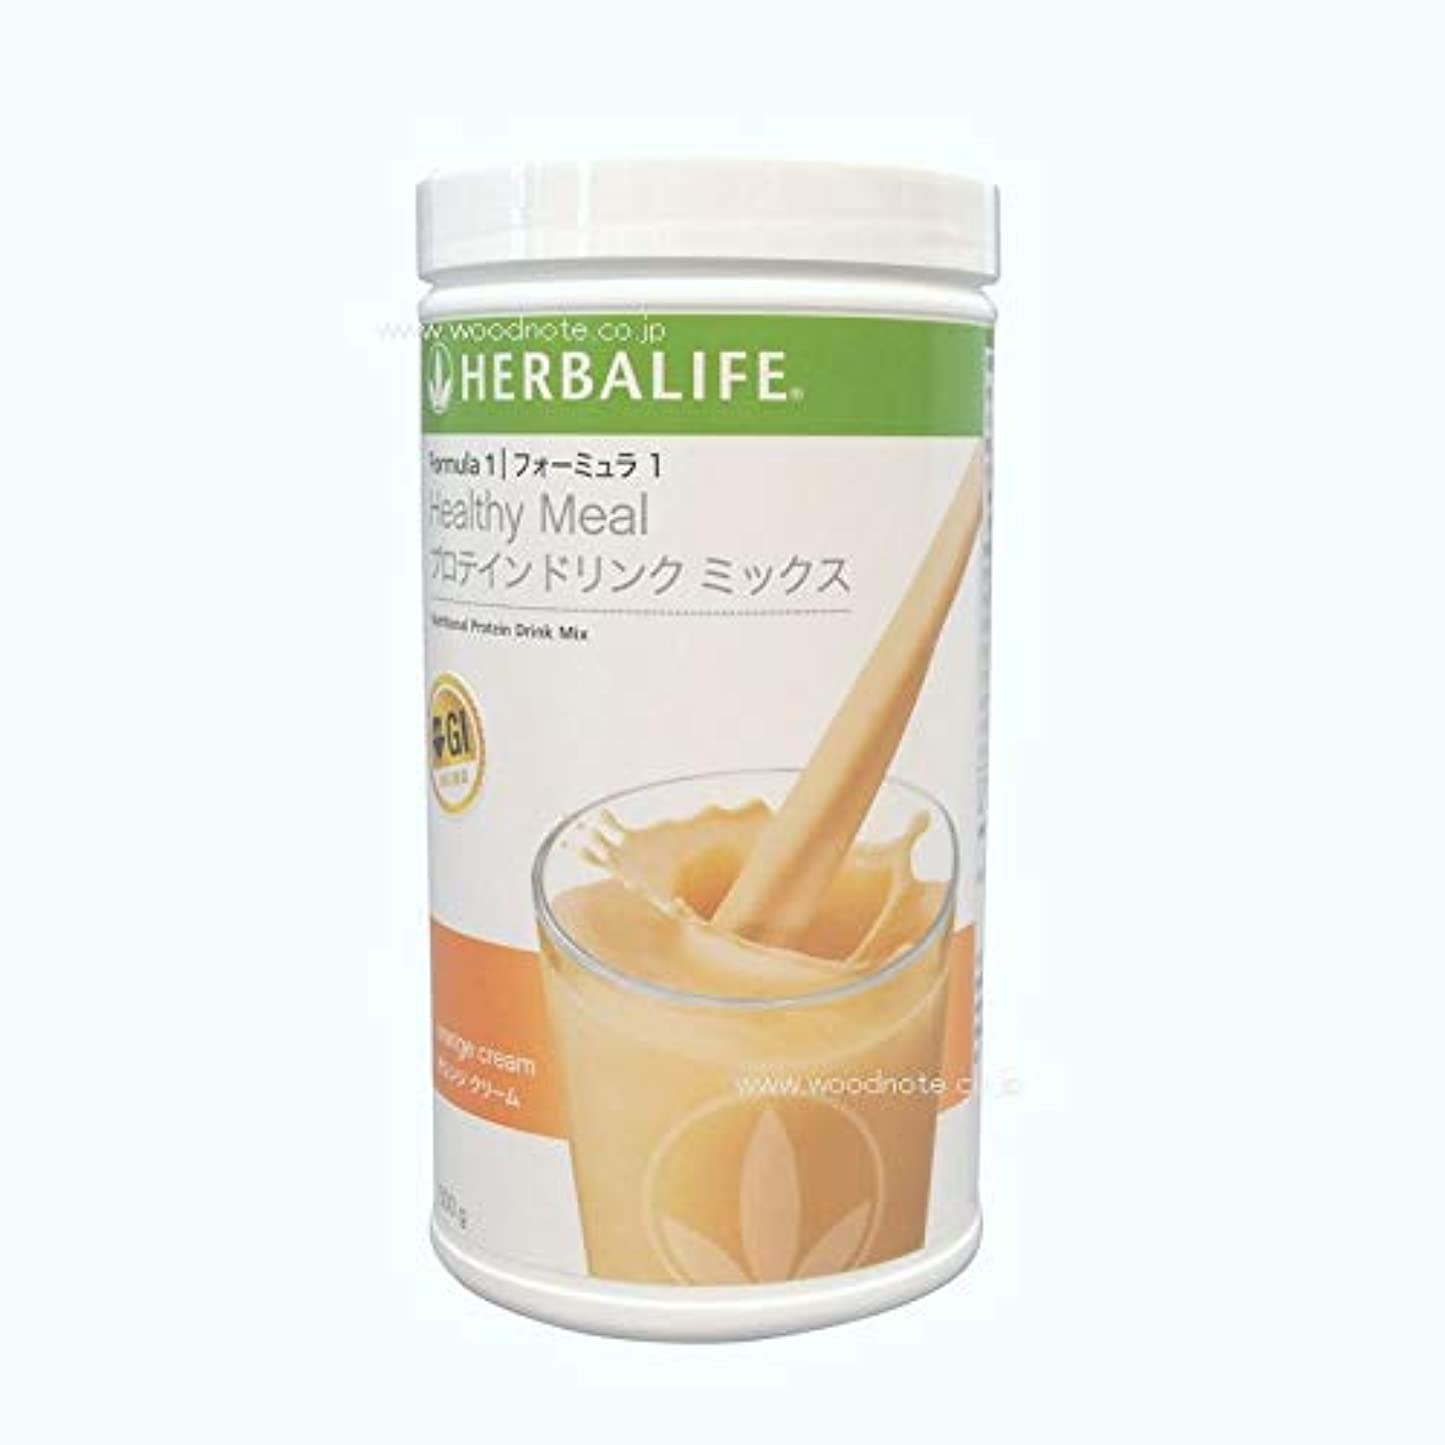 発生スペシャリストヘクタールハーバライフ HERBALIFE フォーミュラ1プロテインドリンクミックス オレンジクリーム味